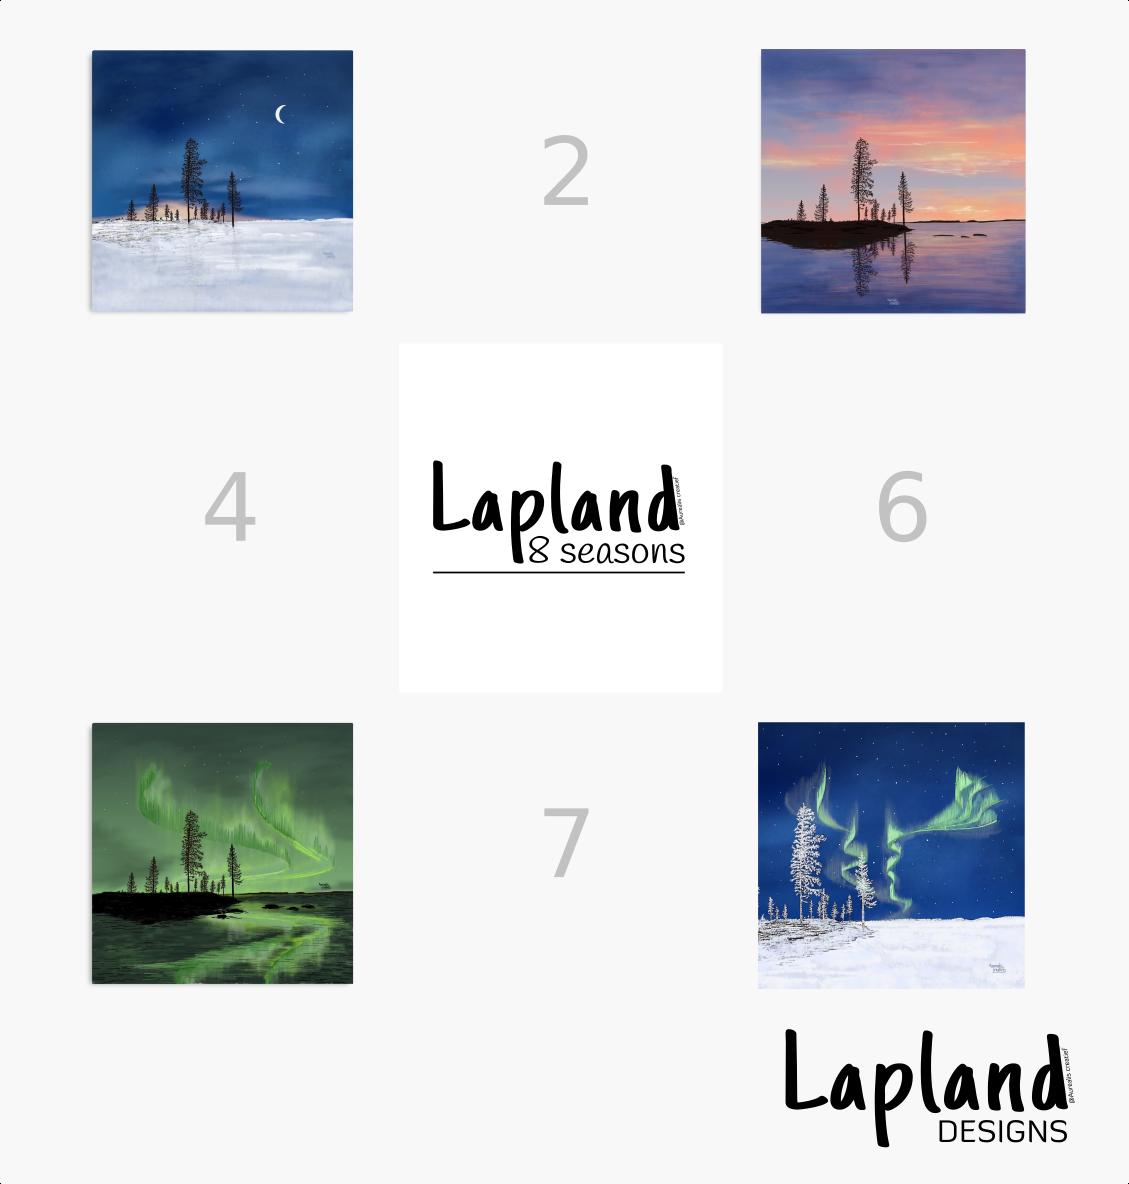 Lapland8Seasons - artvsartist